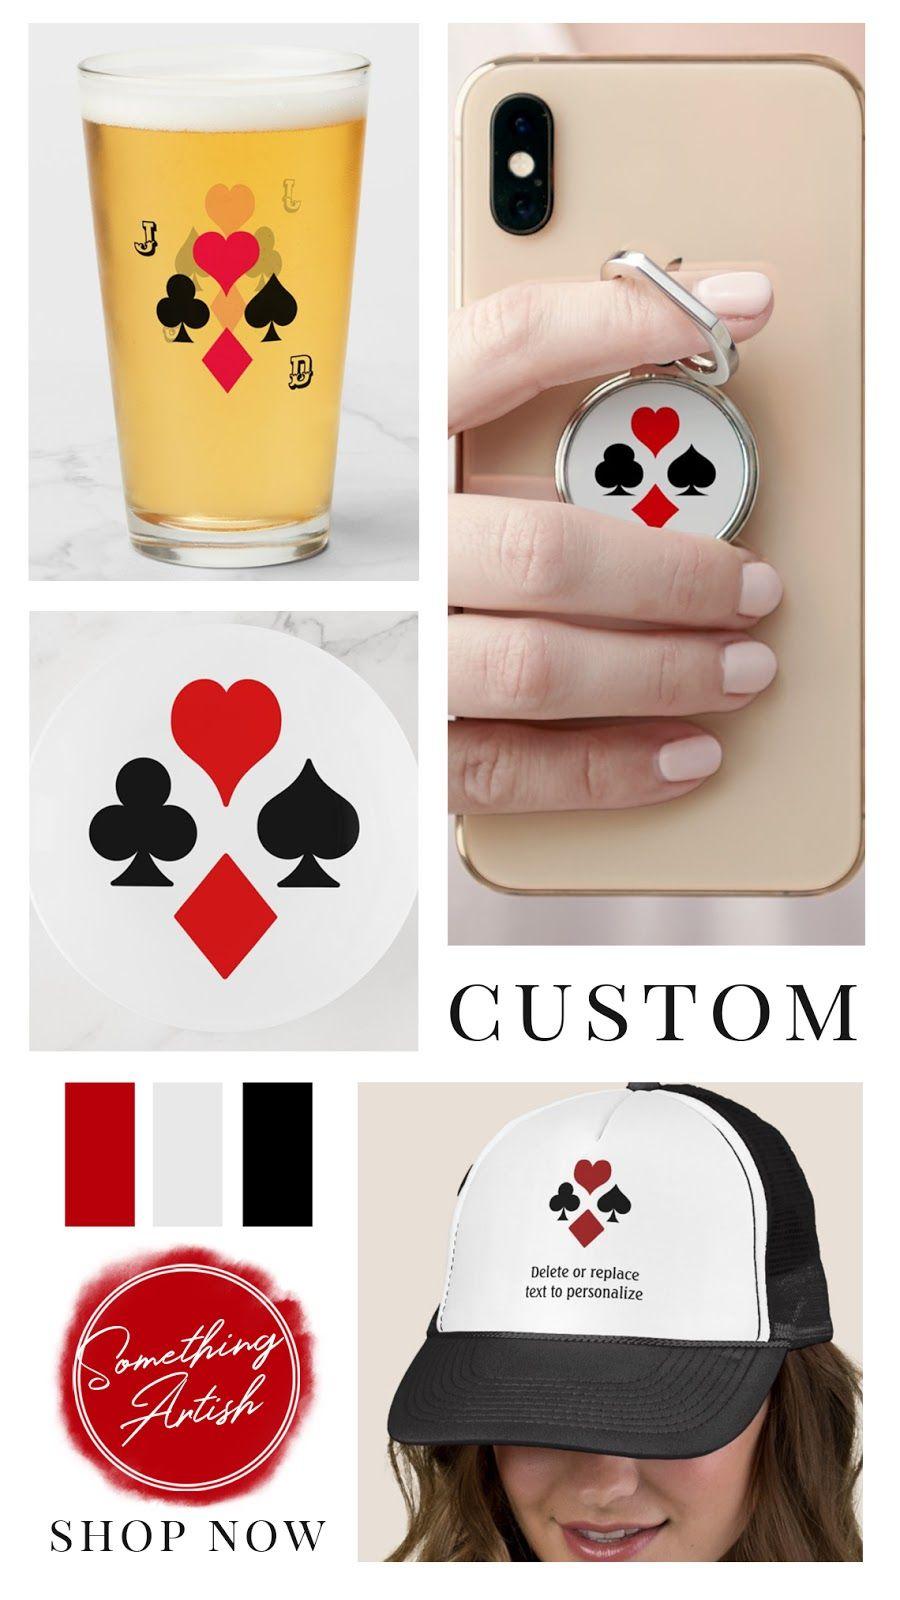 Designer Spotlight Something Artish Playing Card Suit